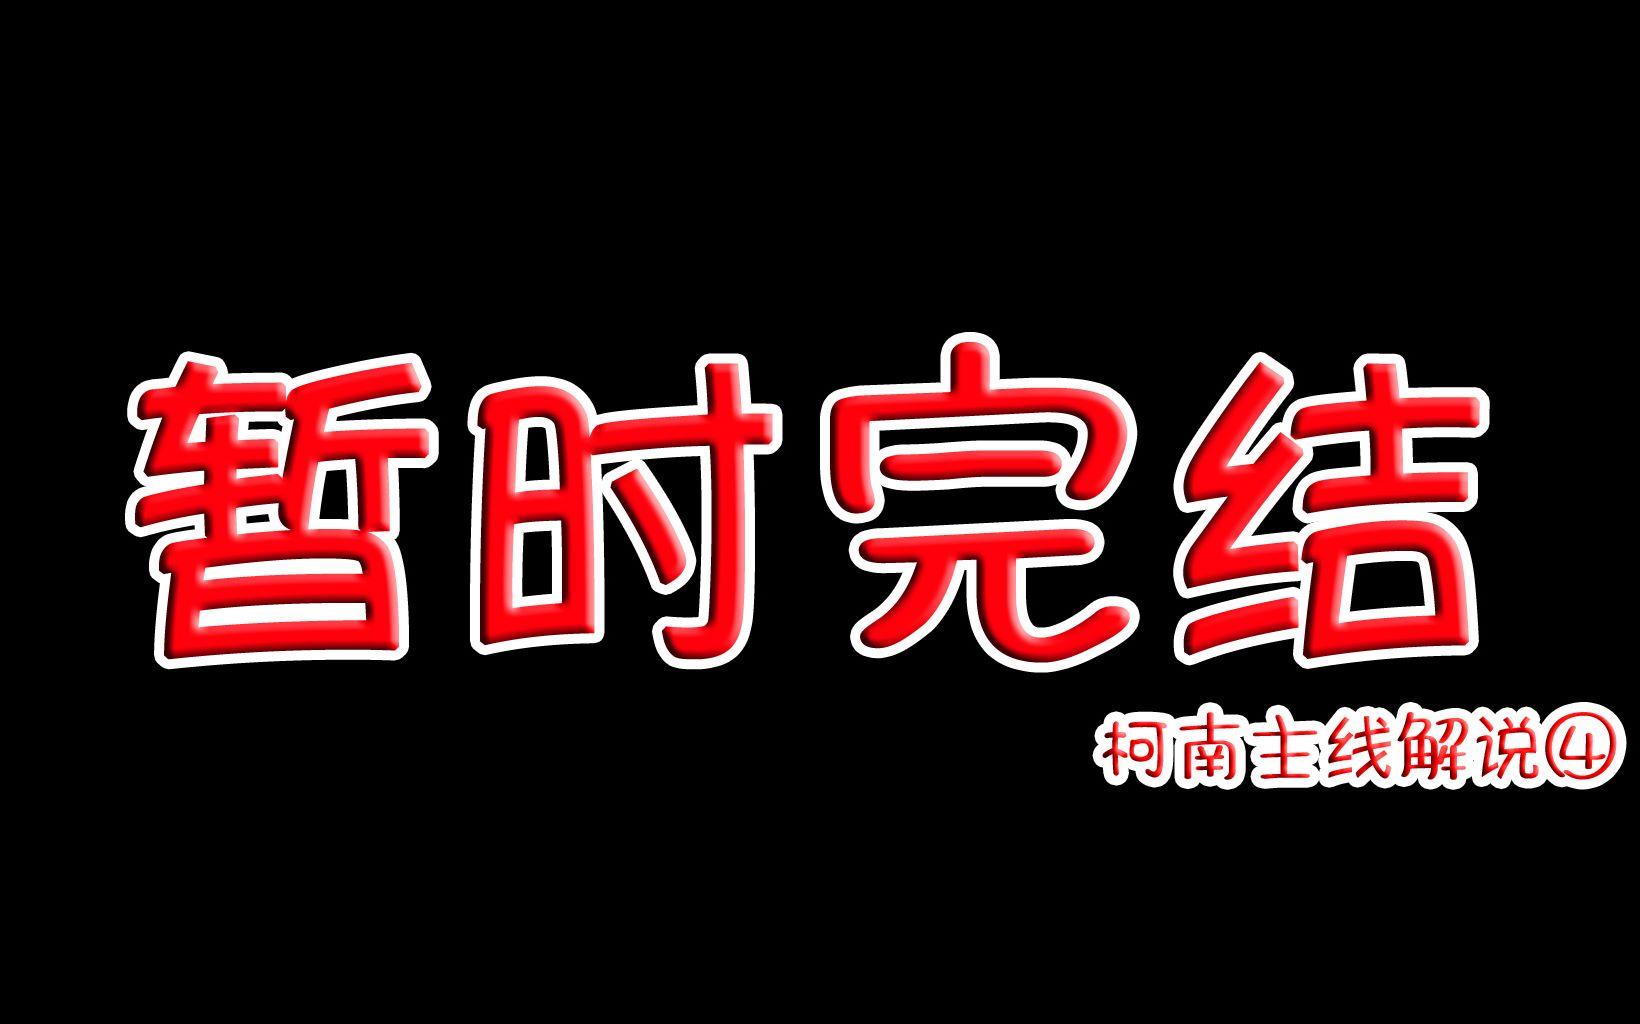 【凉风】暂时完结!柯南TV动画主线剧情回顾丨其四丨朗姆篇